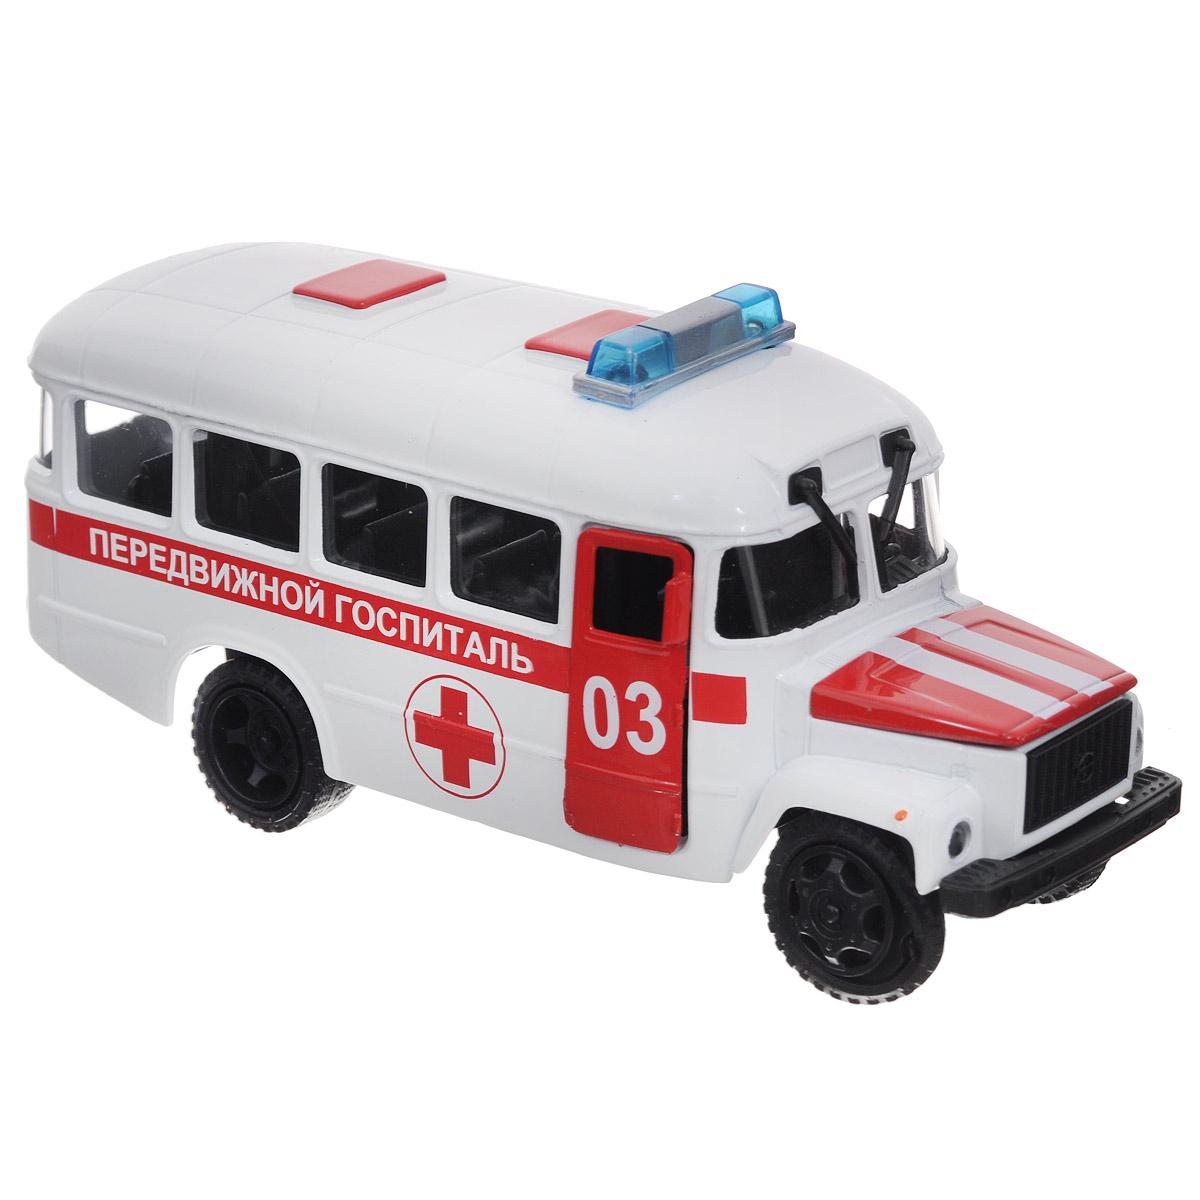 ТехноПарк Машинка инерционная КАвЗ 3976 Передвижной госпитальCT10-069-2Машинка инерционная ТехноПарк КАвЗ 3976: Передвижной госпиталь, выполненная из пластика и металла, станет любимой игрушкой вашего малыша. Игрушка представляет собой модель автобуса КАвЗ 3976 Передвижного госпиталя. Дверцы кабины водителя, кузова и капот открываются. При нажатии на капот машины, замигают проблесковые маячки на крыше и прозвучат команды диспетчера. Игрушка оснащена инерционным ходом. Машинку необходимо отвести назад, затем отпустить - и она быстро поедет вперед. Прорезиненные колеса обеспечивают надежное сцепление с любой поверхностью пола. Ваш ребенок будет часами играть с этой машинкой, придумывая различные истории. Порадуйте его таким замечательным подарком! Машинка работает от батареек (товар комплектуется демонстрационными).